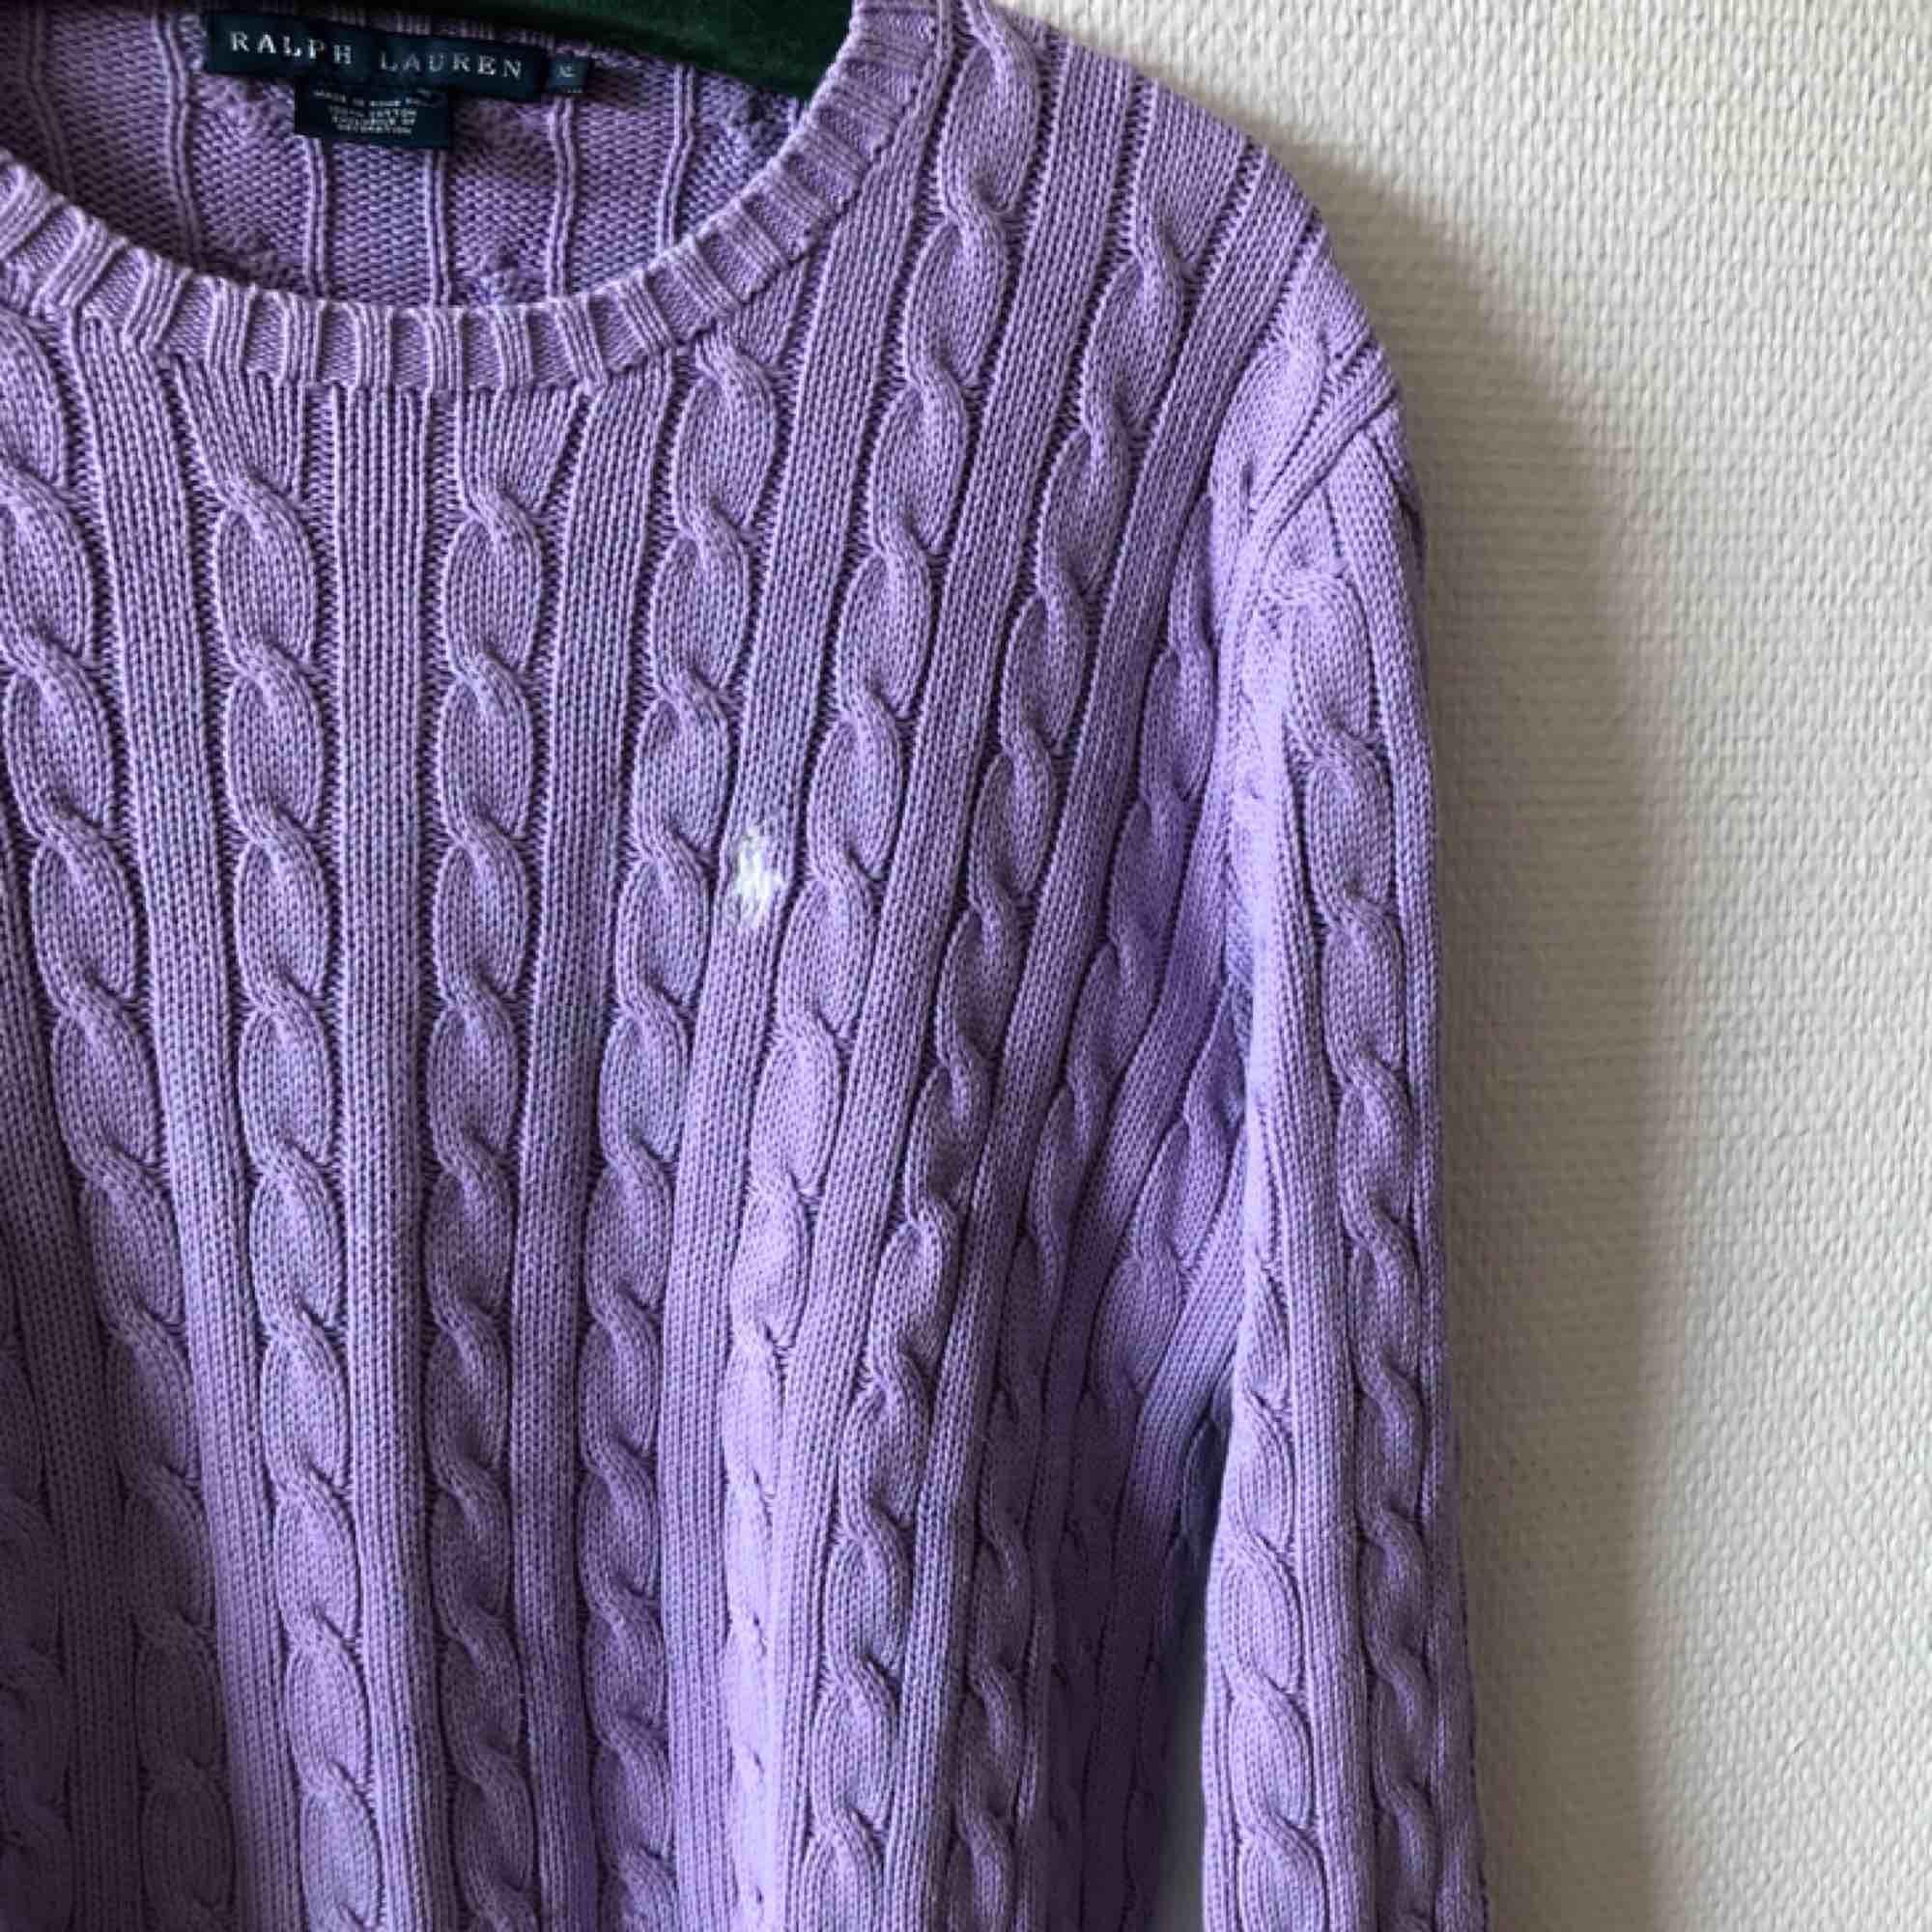 Lila kabelstickad jumper coming your way! Fanatisk färgklick i garderober | • Ralph Lauren • Storlek XL, sitter även fint på L • 100% bomull • Fint begagnat skick, smått slitage vid kragen - se bild 3 • + Frakt 63kr spårbart . Tröjor & Koftor.